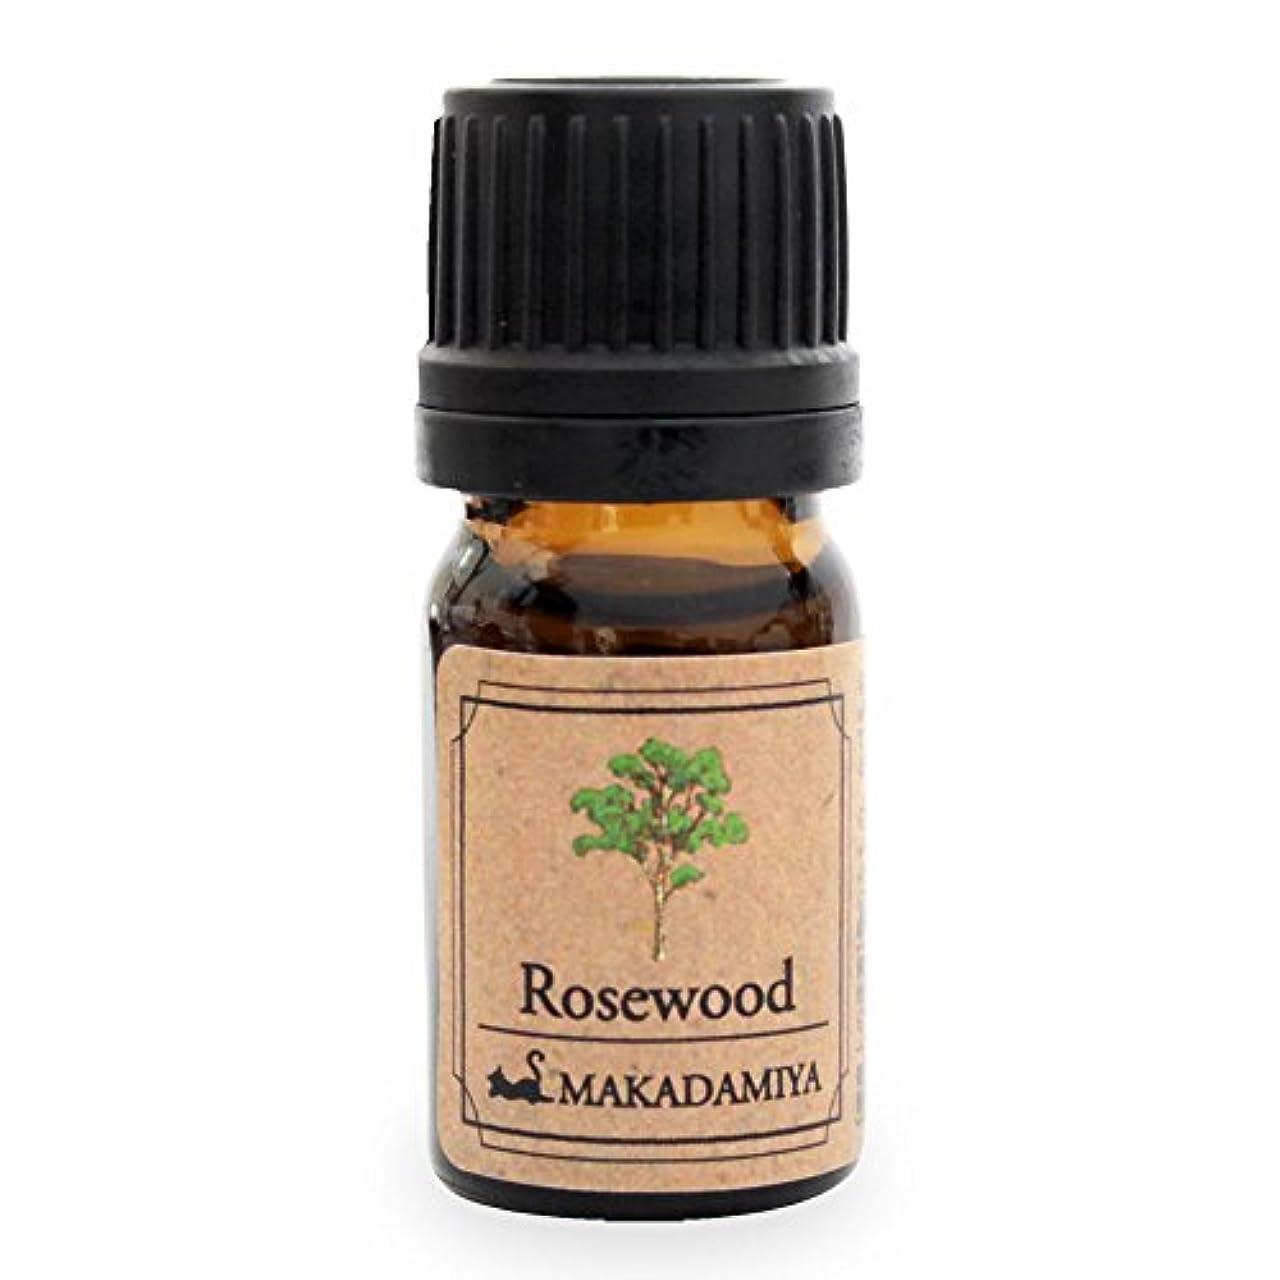 干渉する病的撃退するローズウッド5ml 天然100%植物性 エッセンシャルオイル(精油) アロマオイル アロママッサージ aroma Rosewood